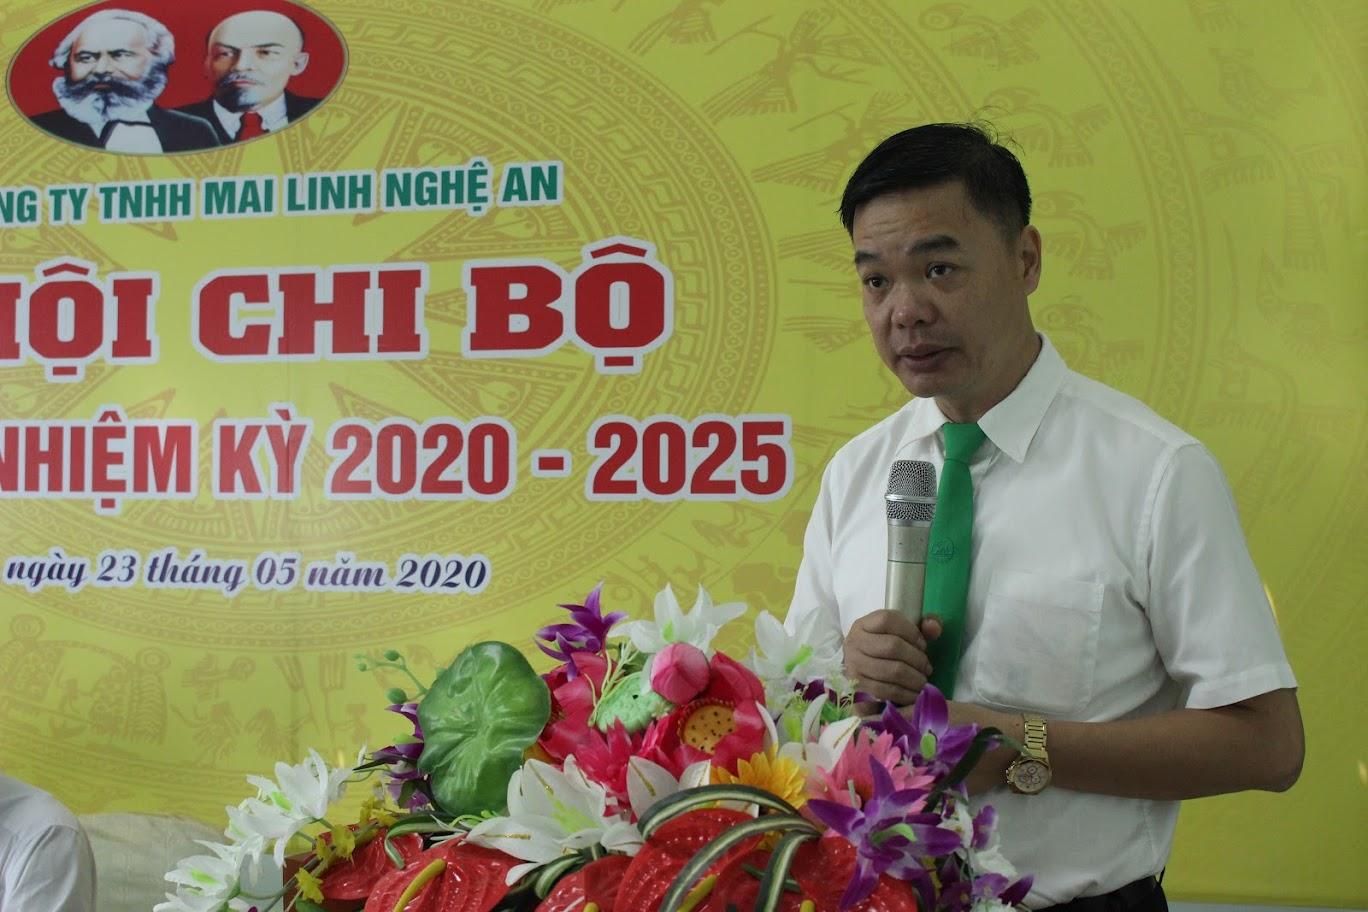 Đồng chí Hồ Đình Việt, Bí thư Chi bộ, Giám đốc Công ty TNHH Mai Linh Nghệ An khai mạc Đại hội